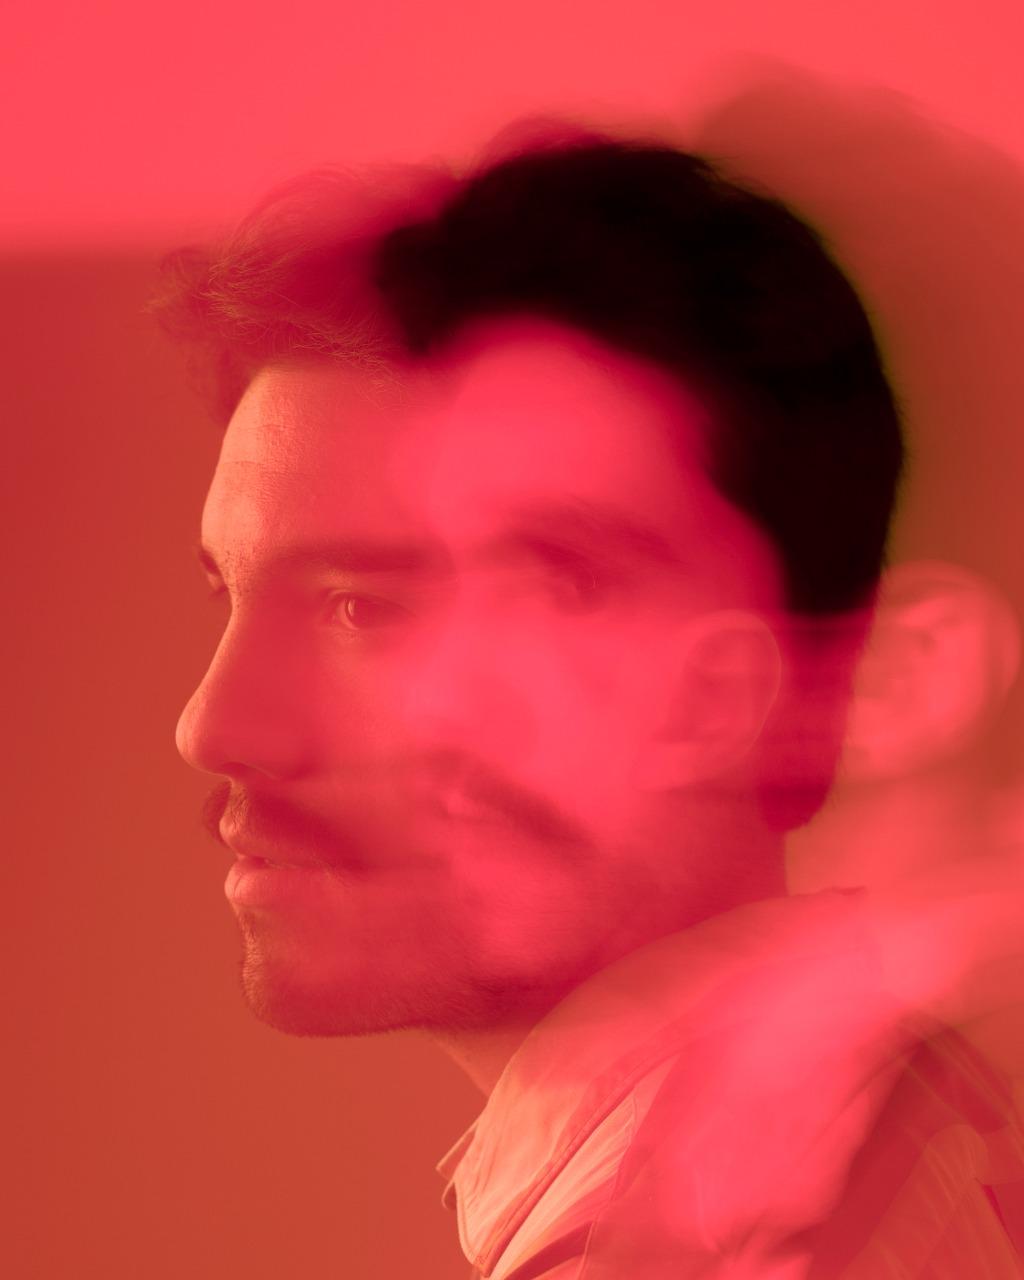 cesar avila lanza su disco debut un trabajo cargado de glamour y romanticismo cesar avila 4